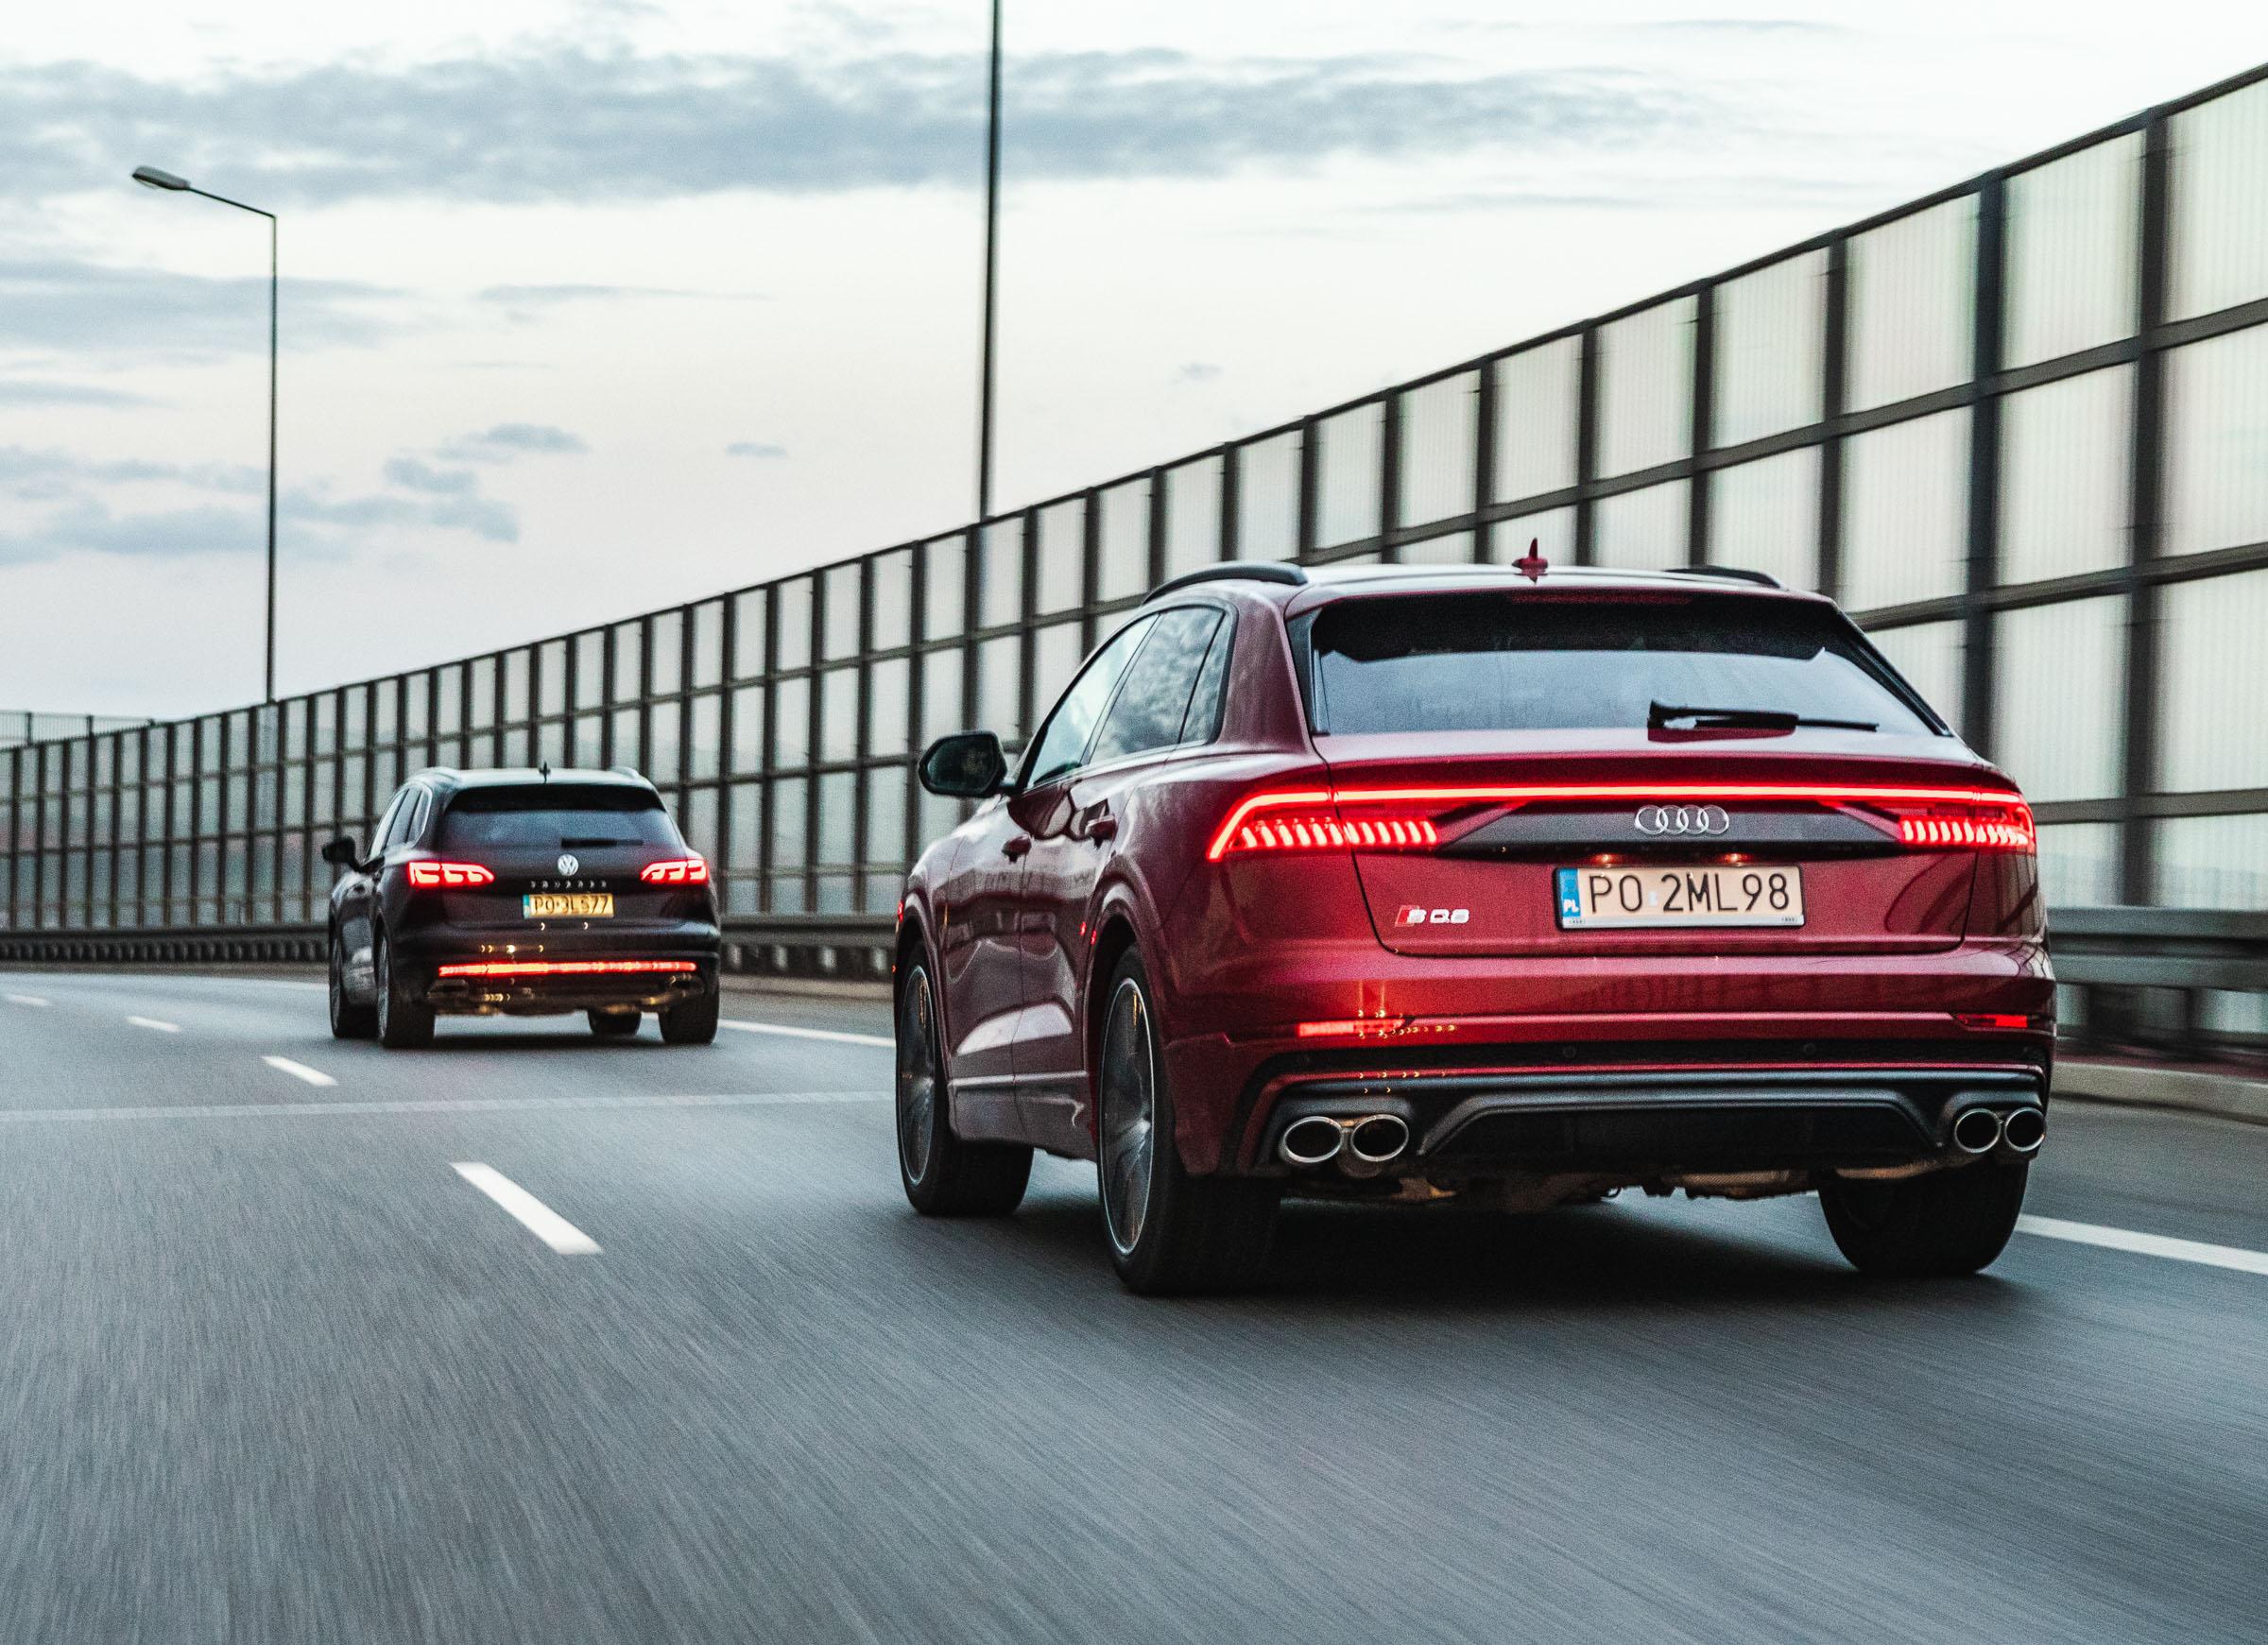 Volkswagen Touareg vs Audi SQ8